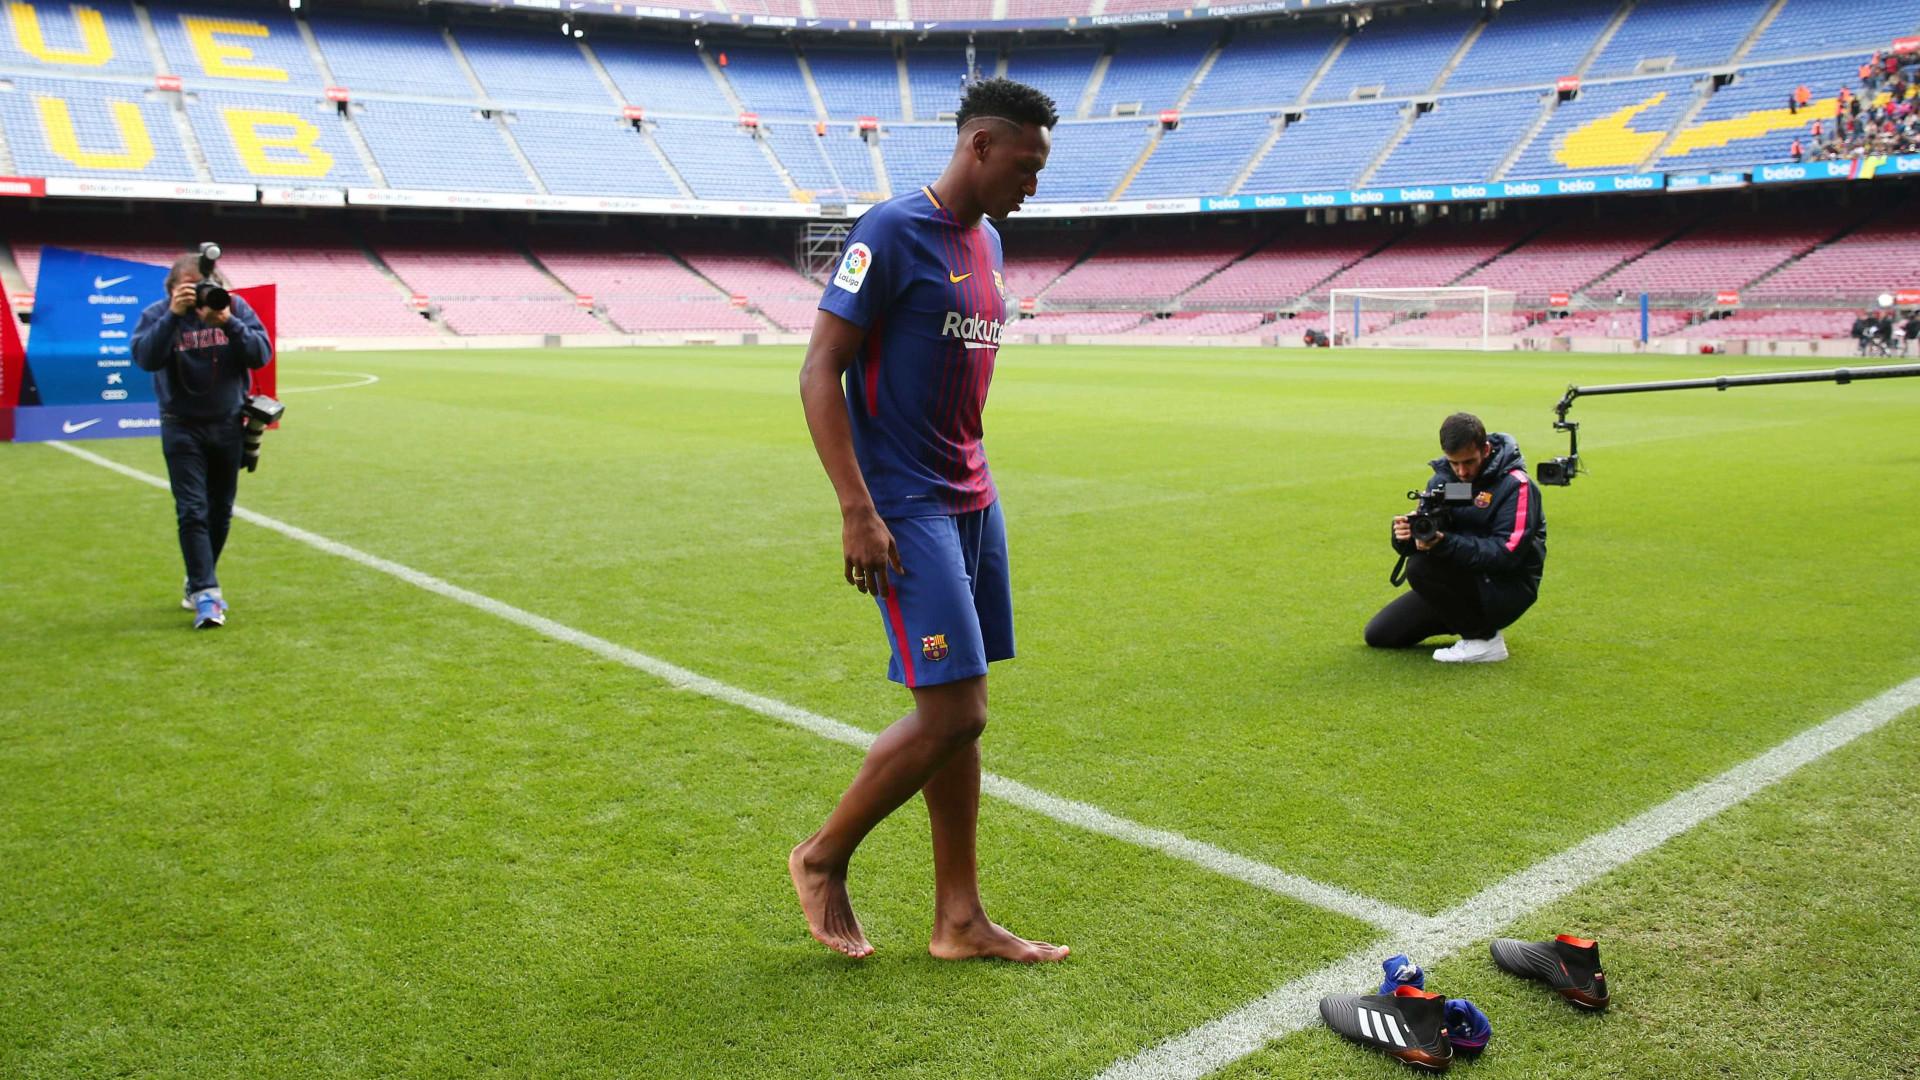 A curiosa explicação para Mina ter entrado descalço em Camp Nou